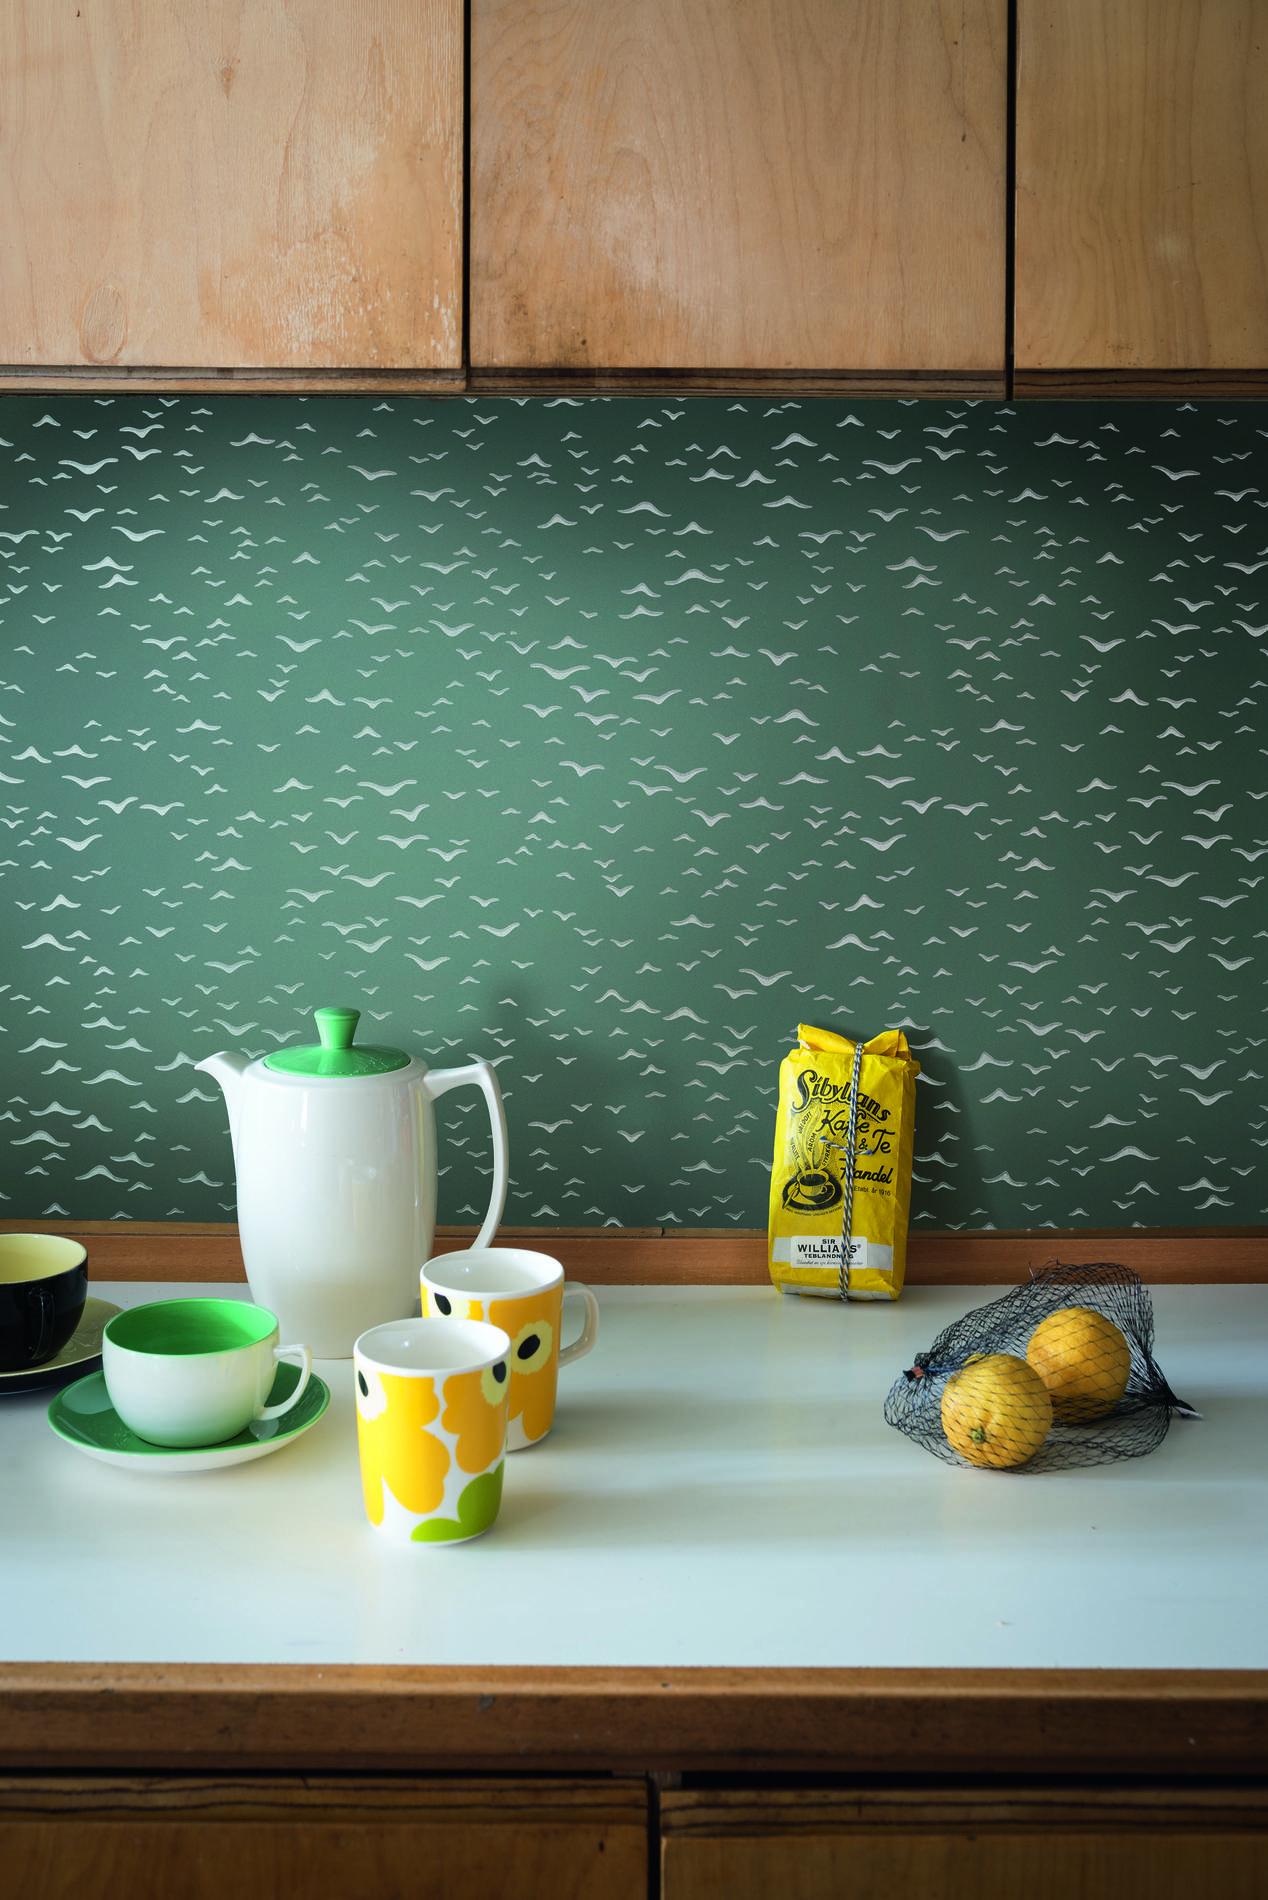 papier peint cuisine lavable affordable papier peint leroy merlin salle de bain cgrio superbe. Black Bedroom Furniture Sets. Home Design Ideas